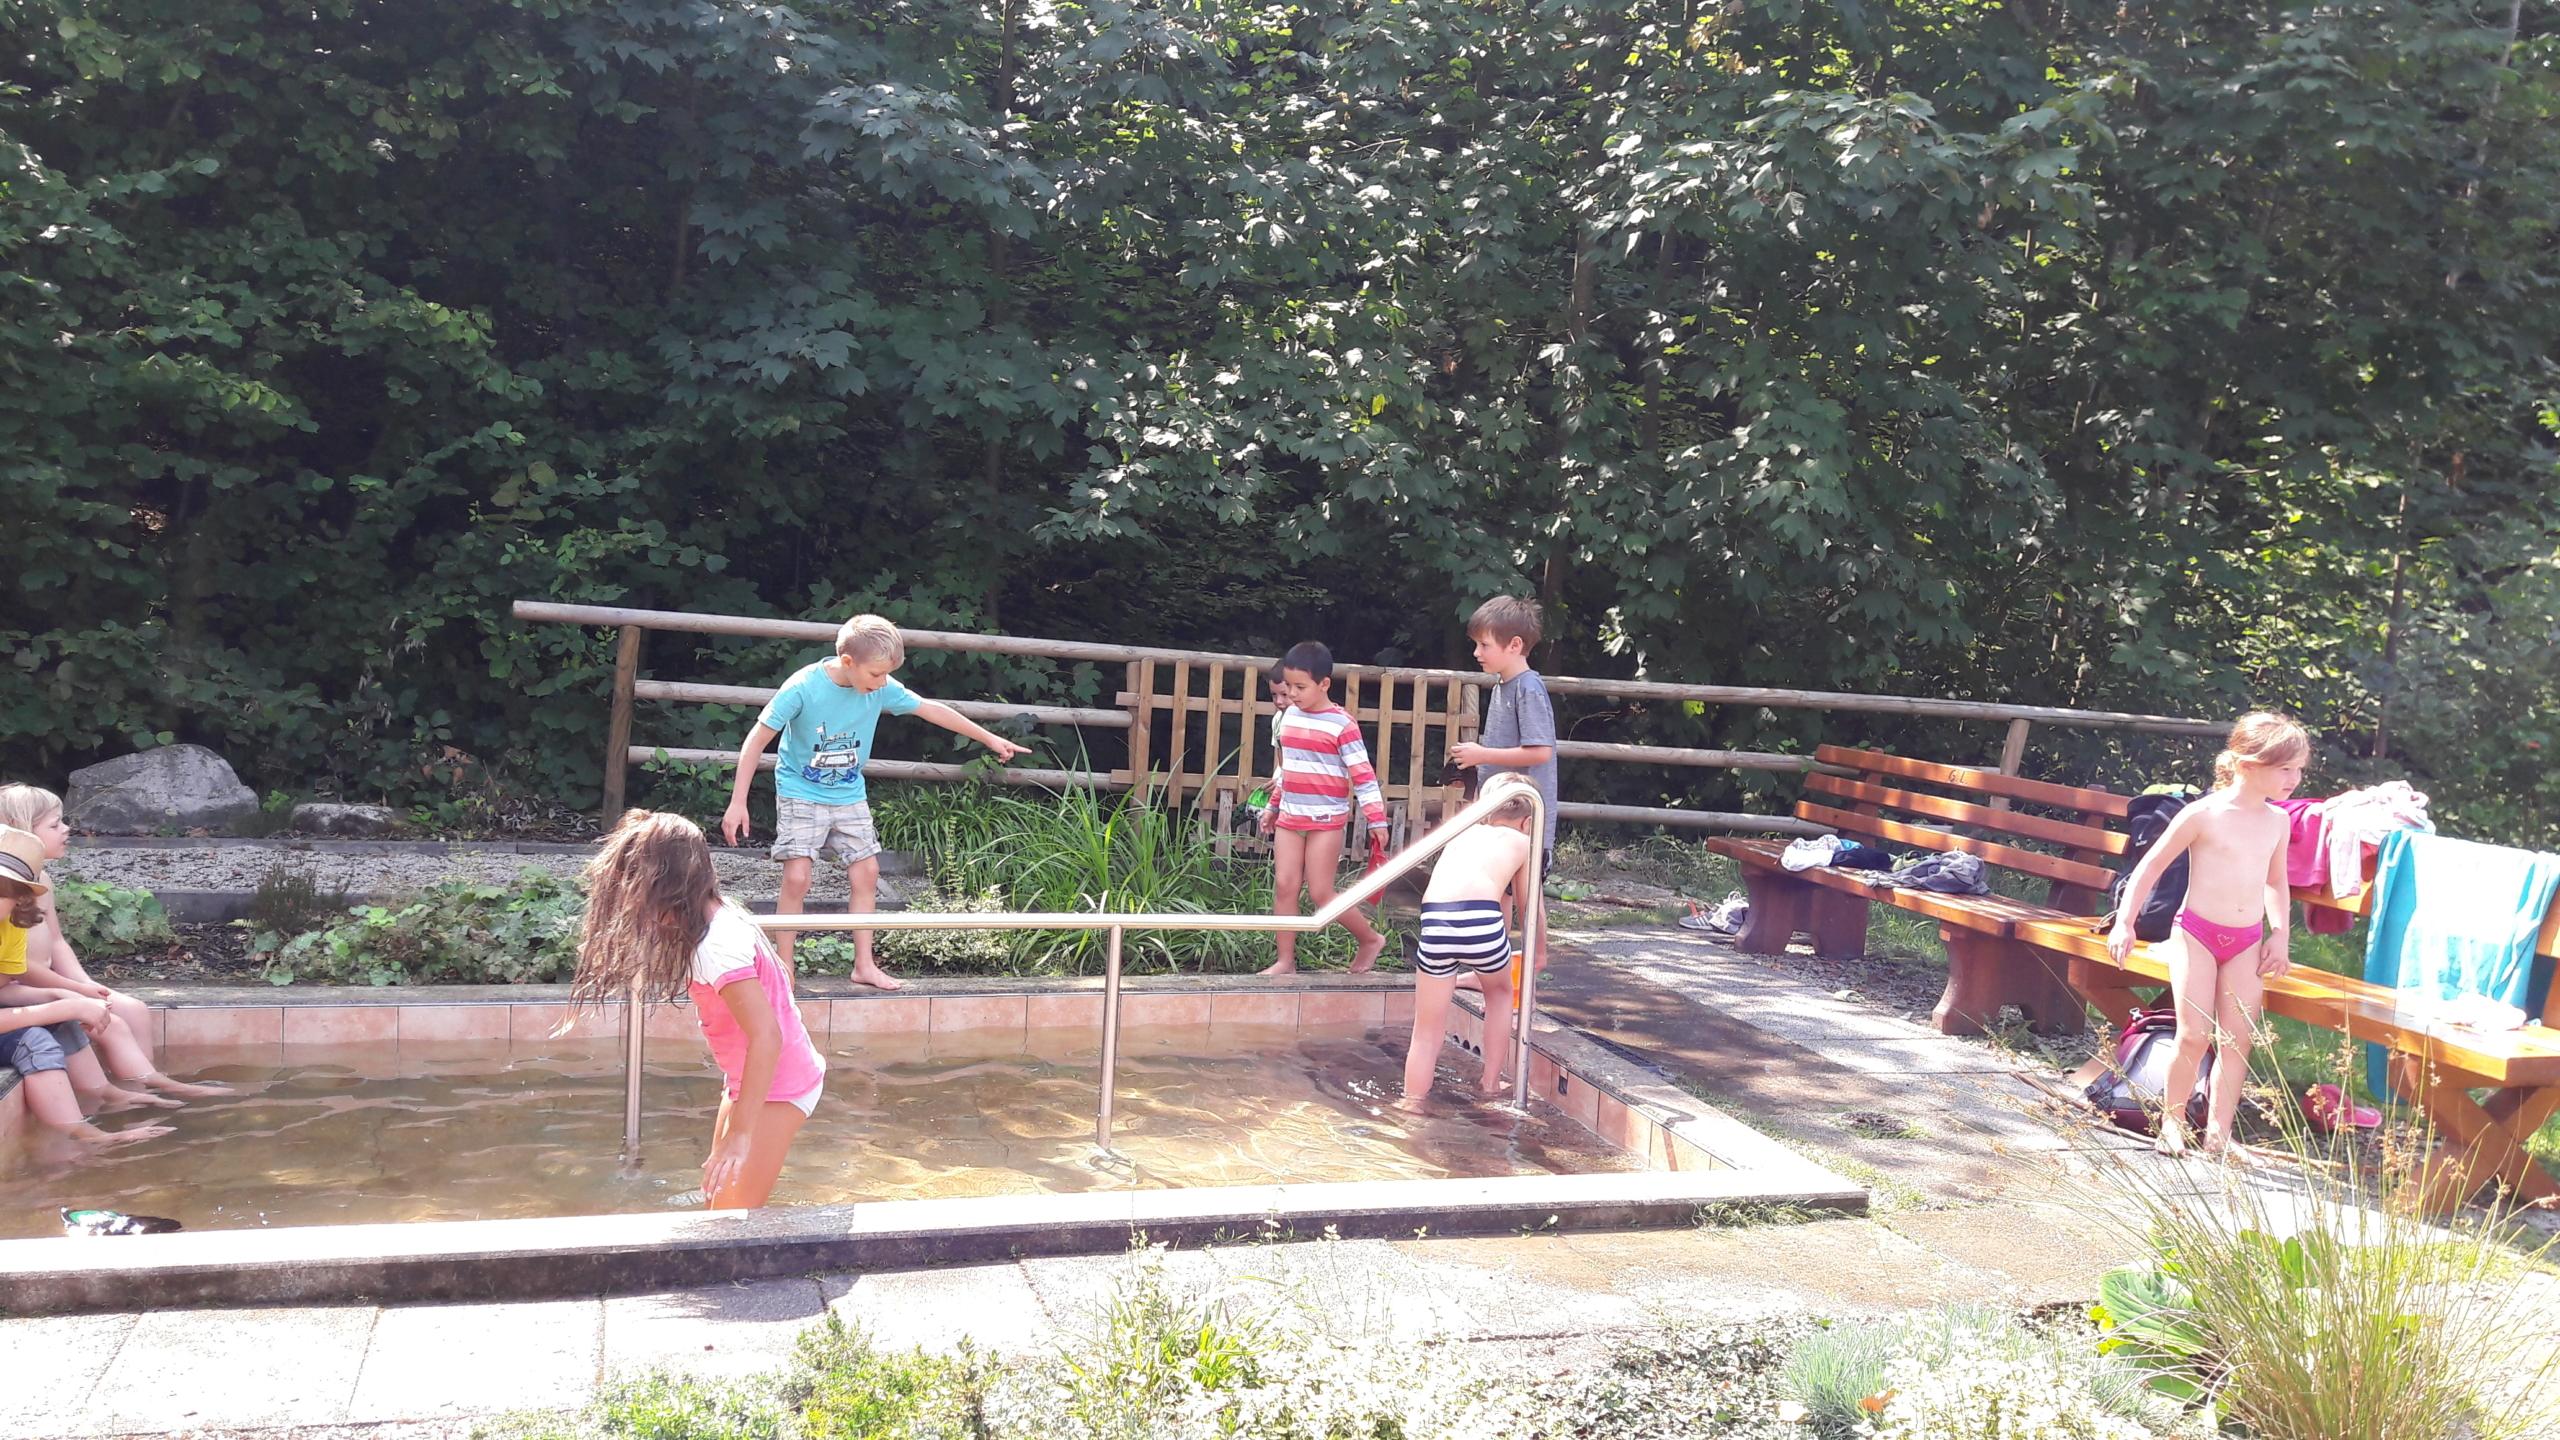 Kinderferienbetreuung in den Sommerferien